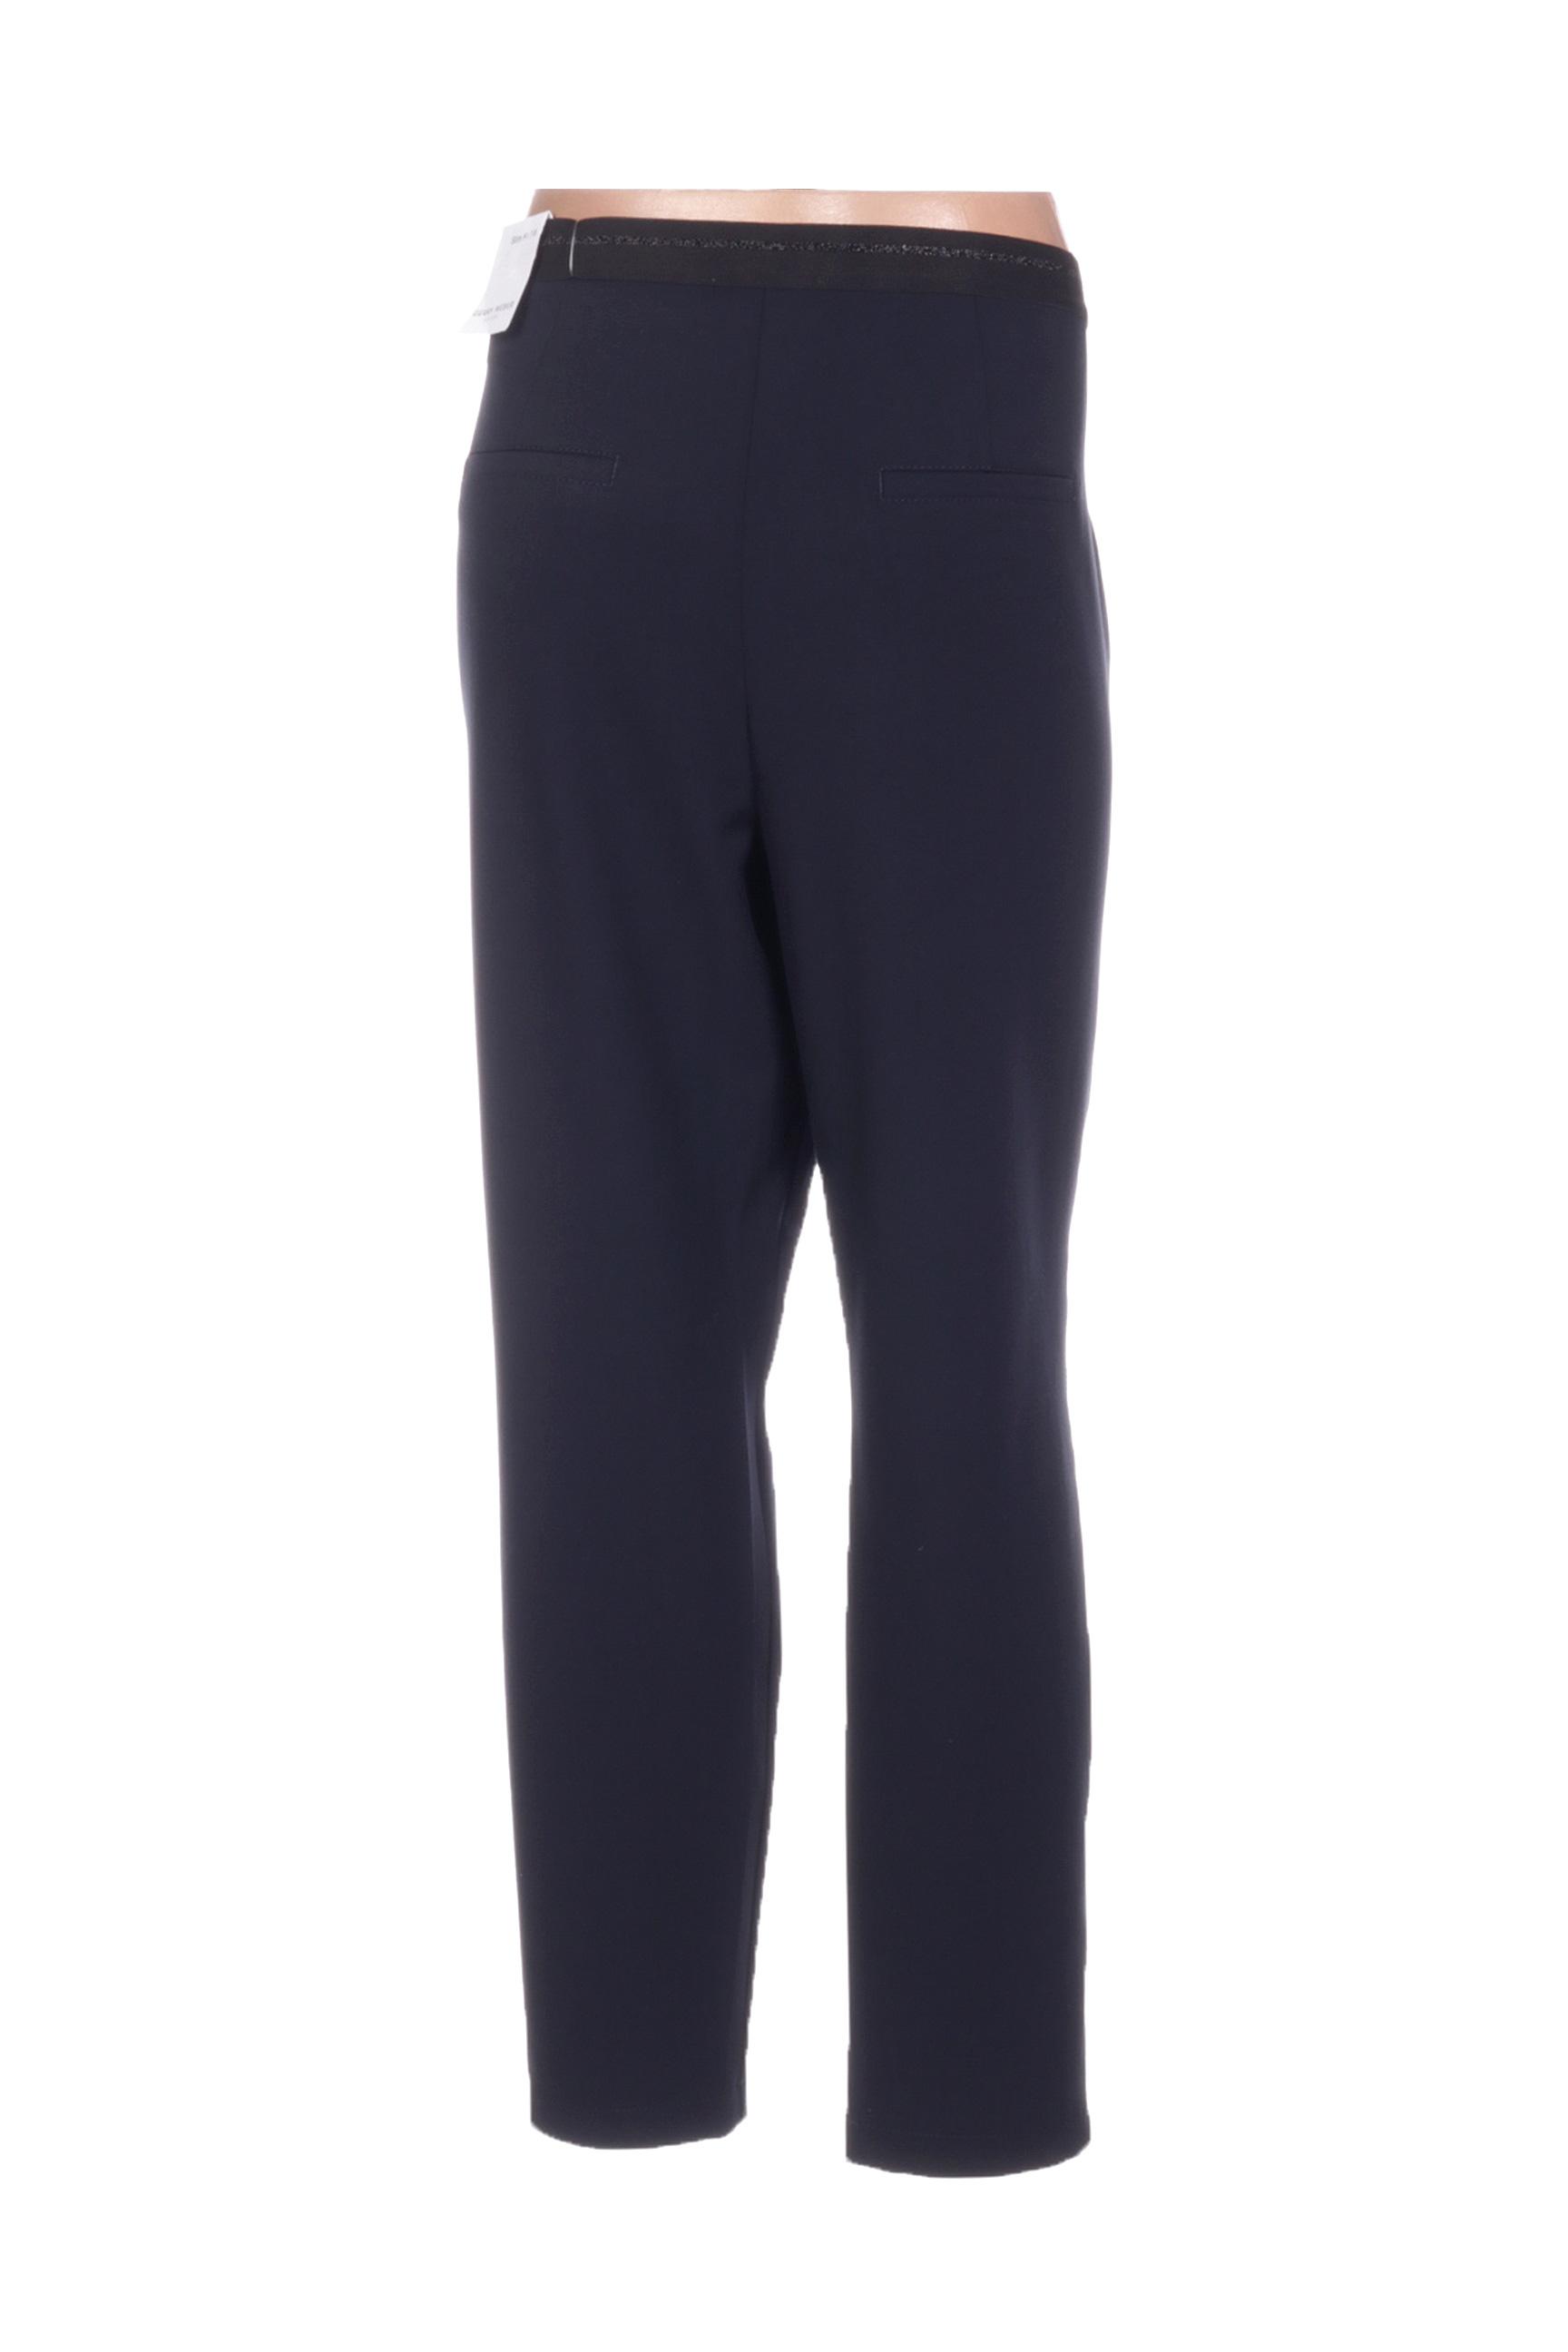 Gerry Weber Pantalon7 8 Femme De Couleur Bleu En Soldes Pas Cher 1423471-bleu00